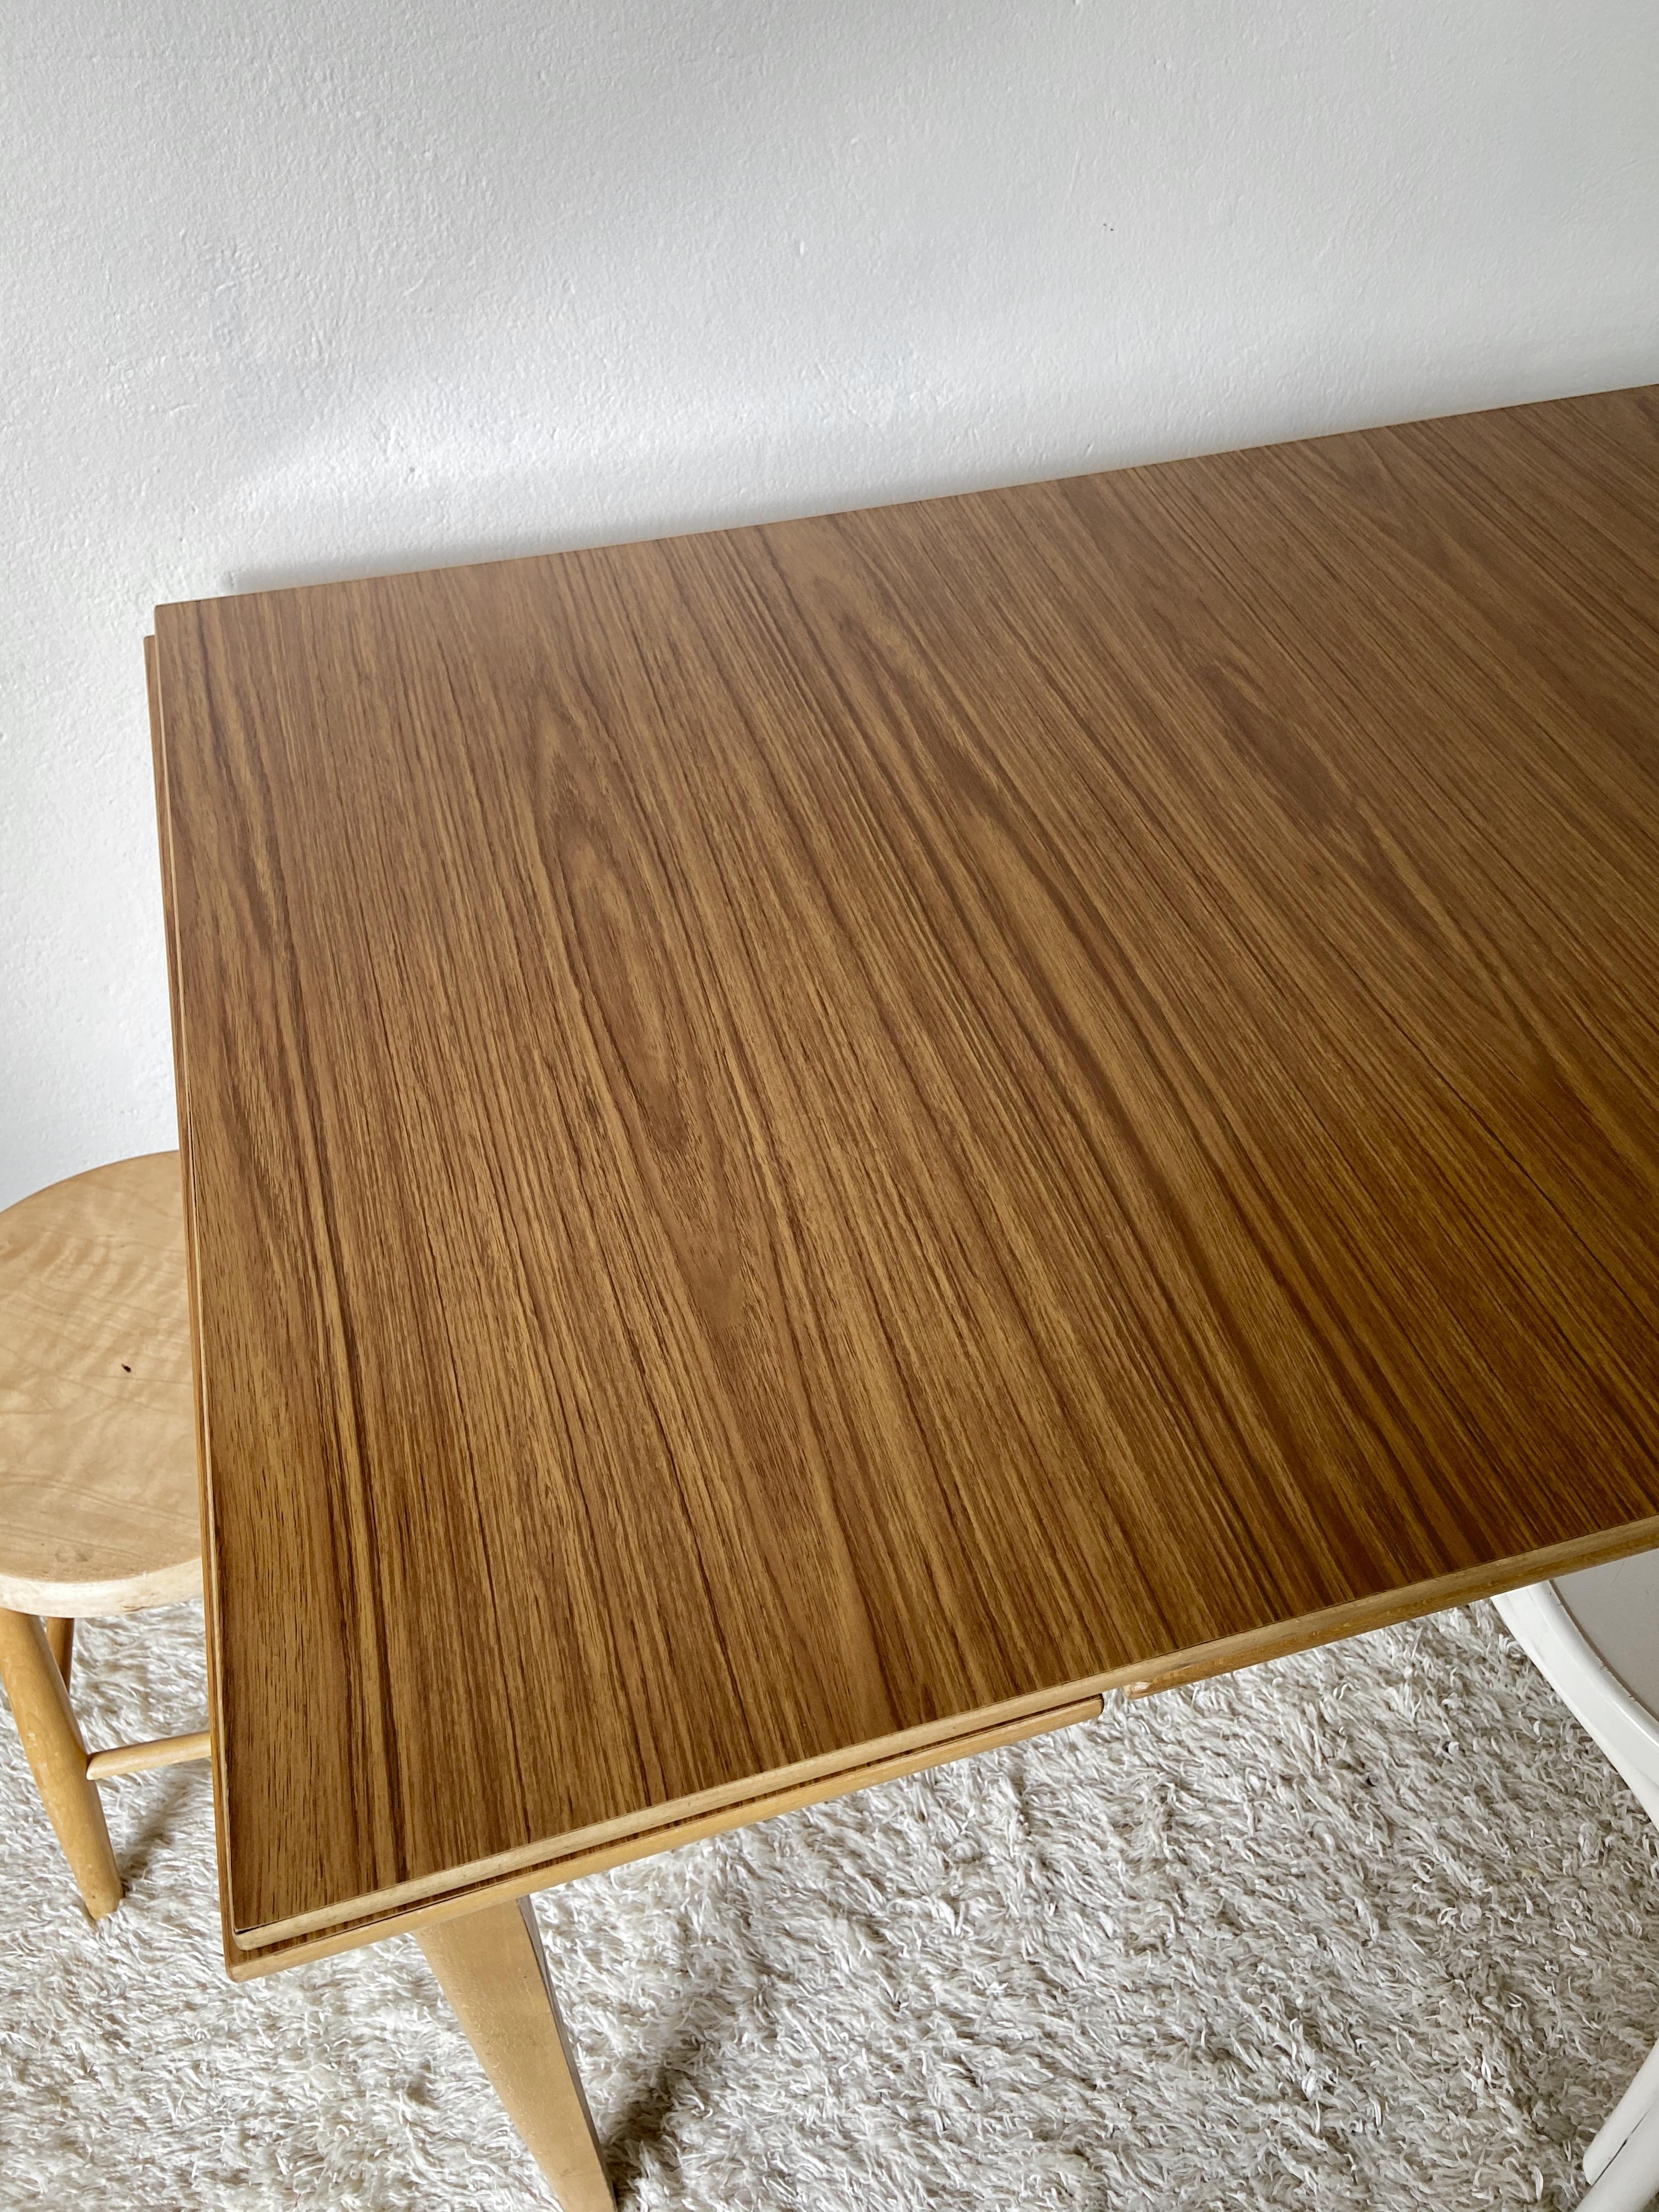 Matbord med teaklaminat